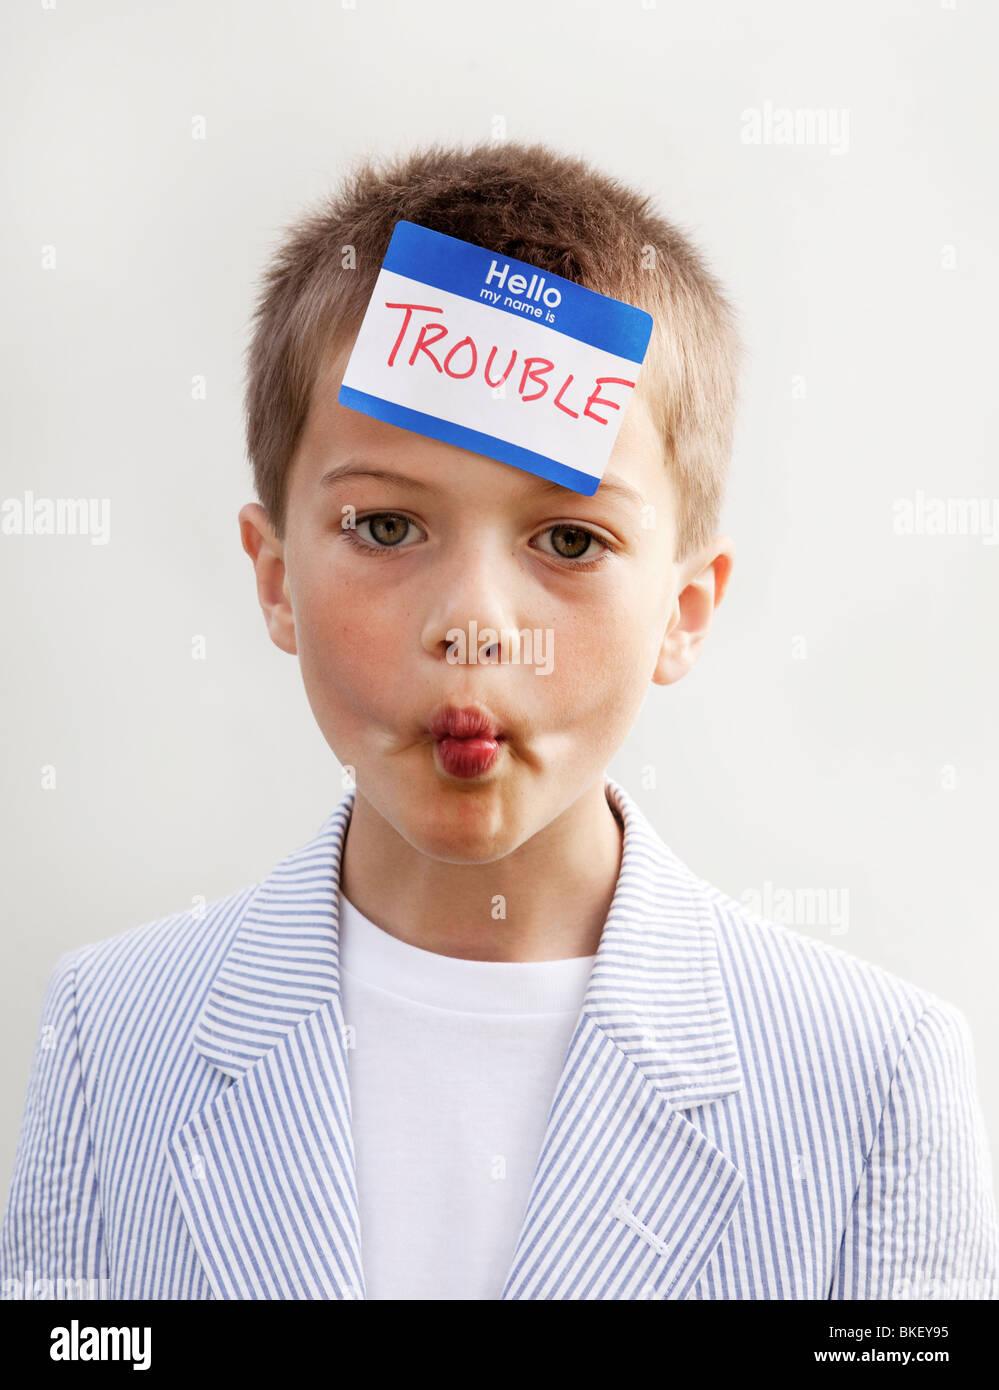 L'étiquette-nom sur le front des garçons Photo Stock